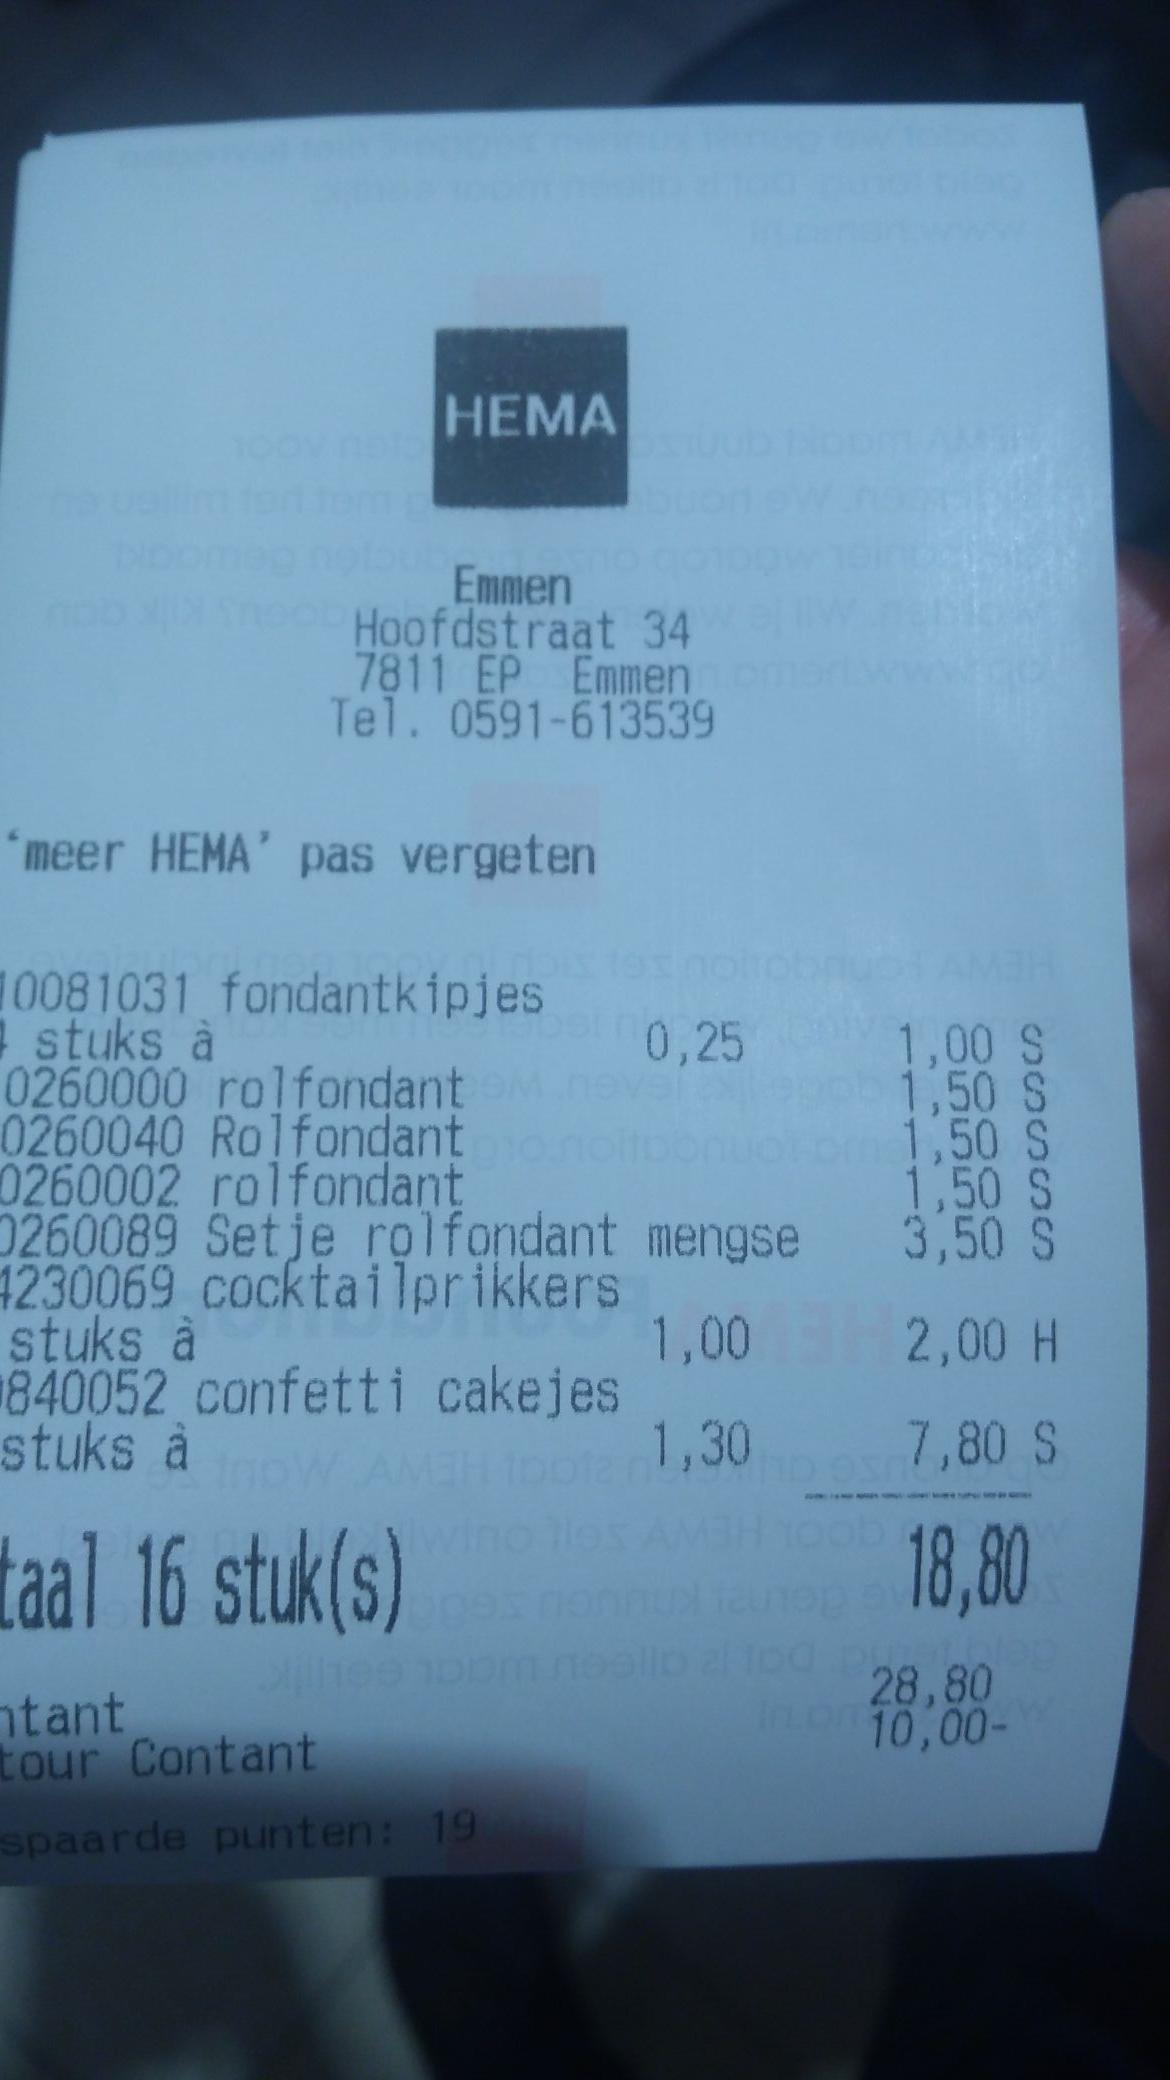 Paaschocola, koekjes, roomfondant, marsepein 4 voor 1,- Hema Emmen (Hoofdstraat)